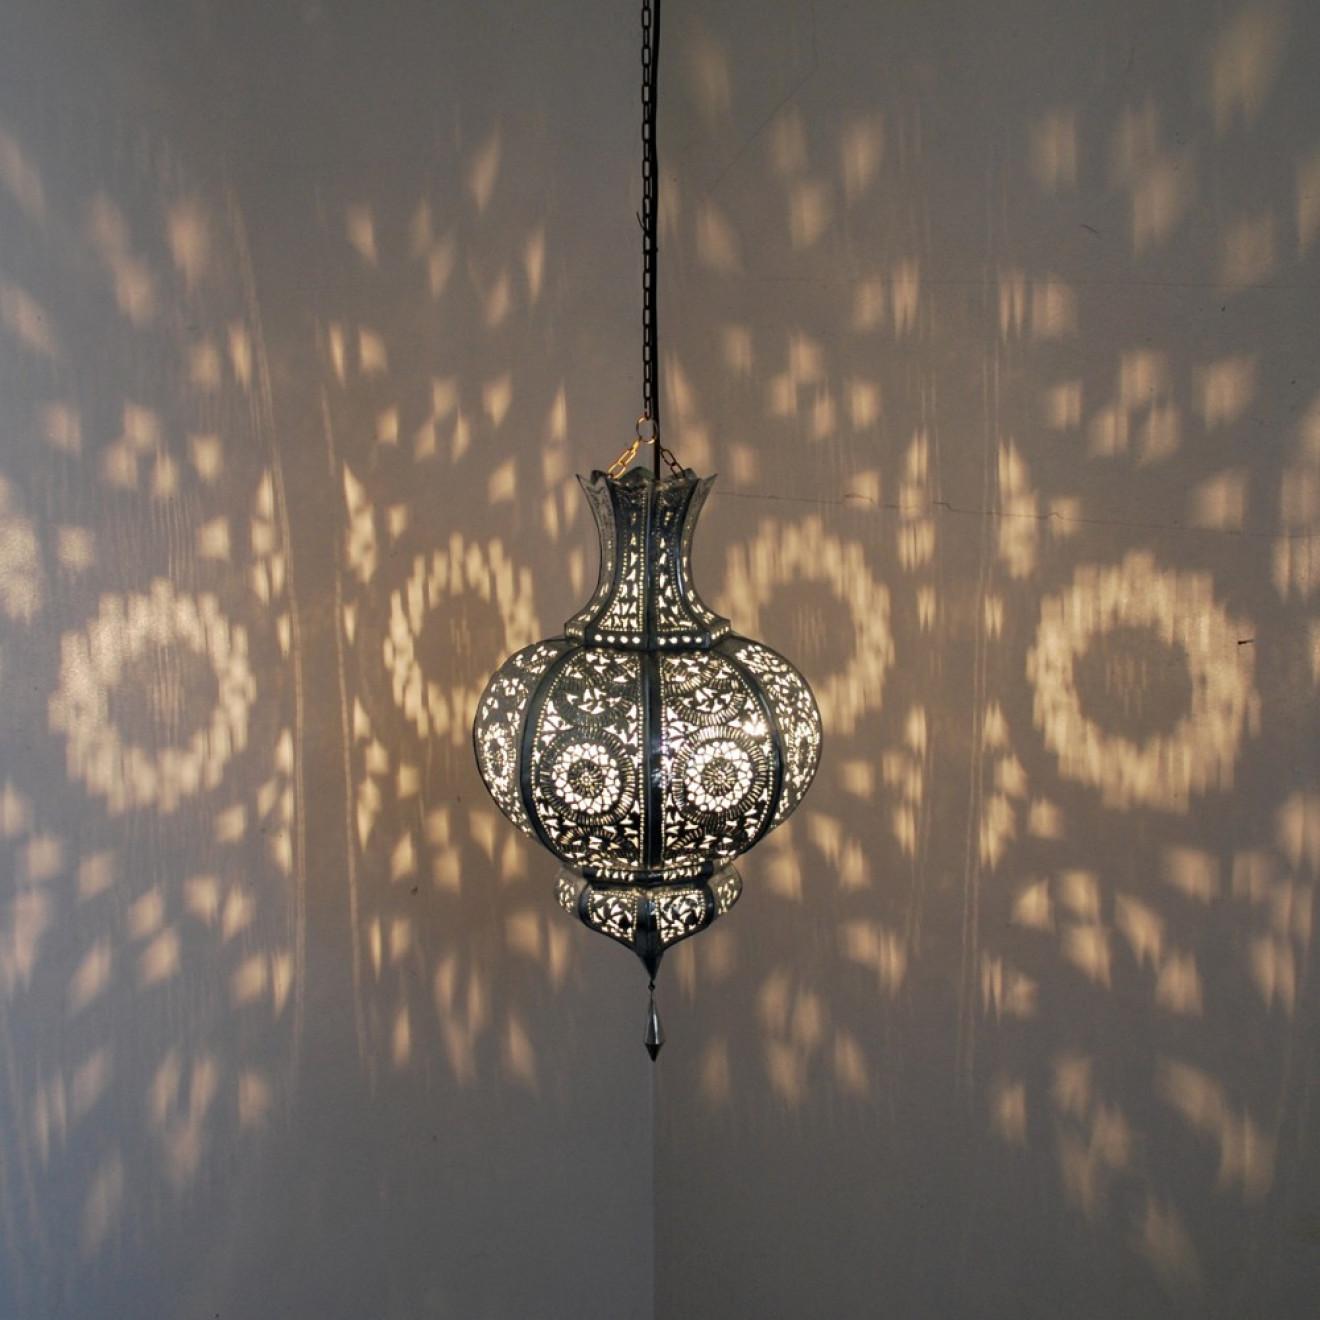 Orientalische lampen yamina silber for Orientalische lampen